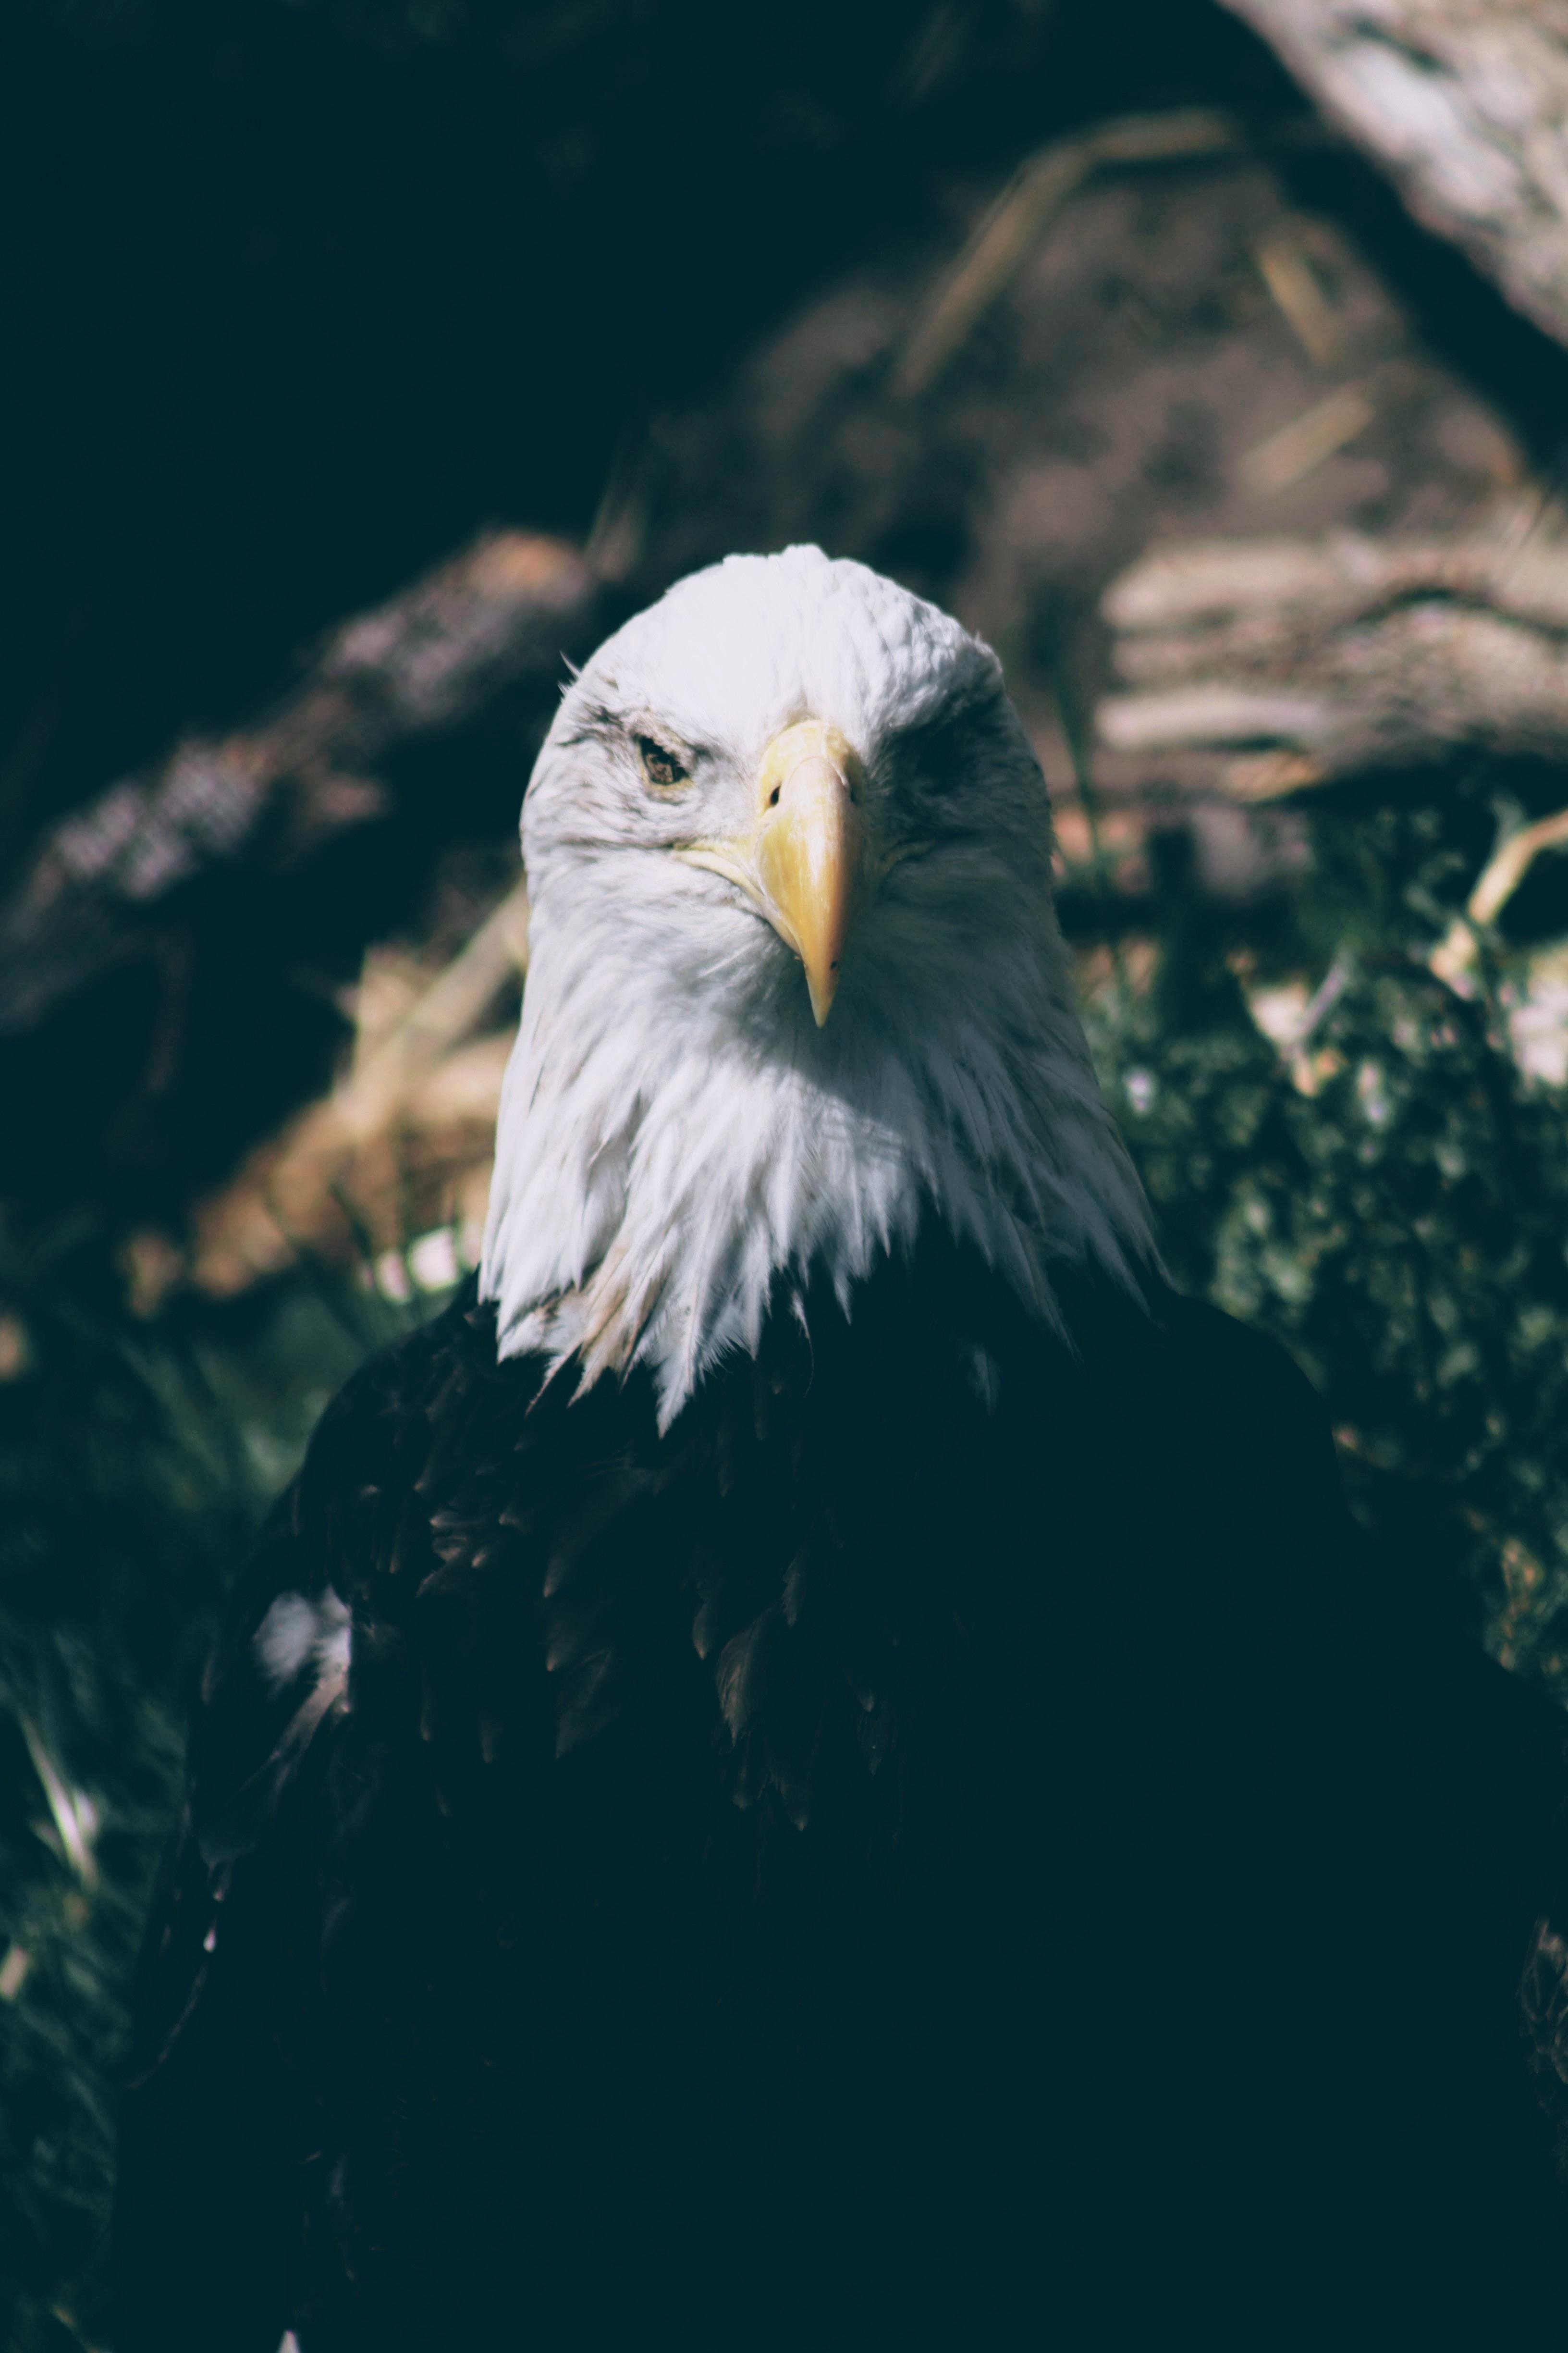 macro shot photography of bald eagle